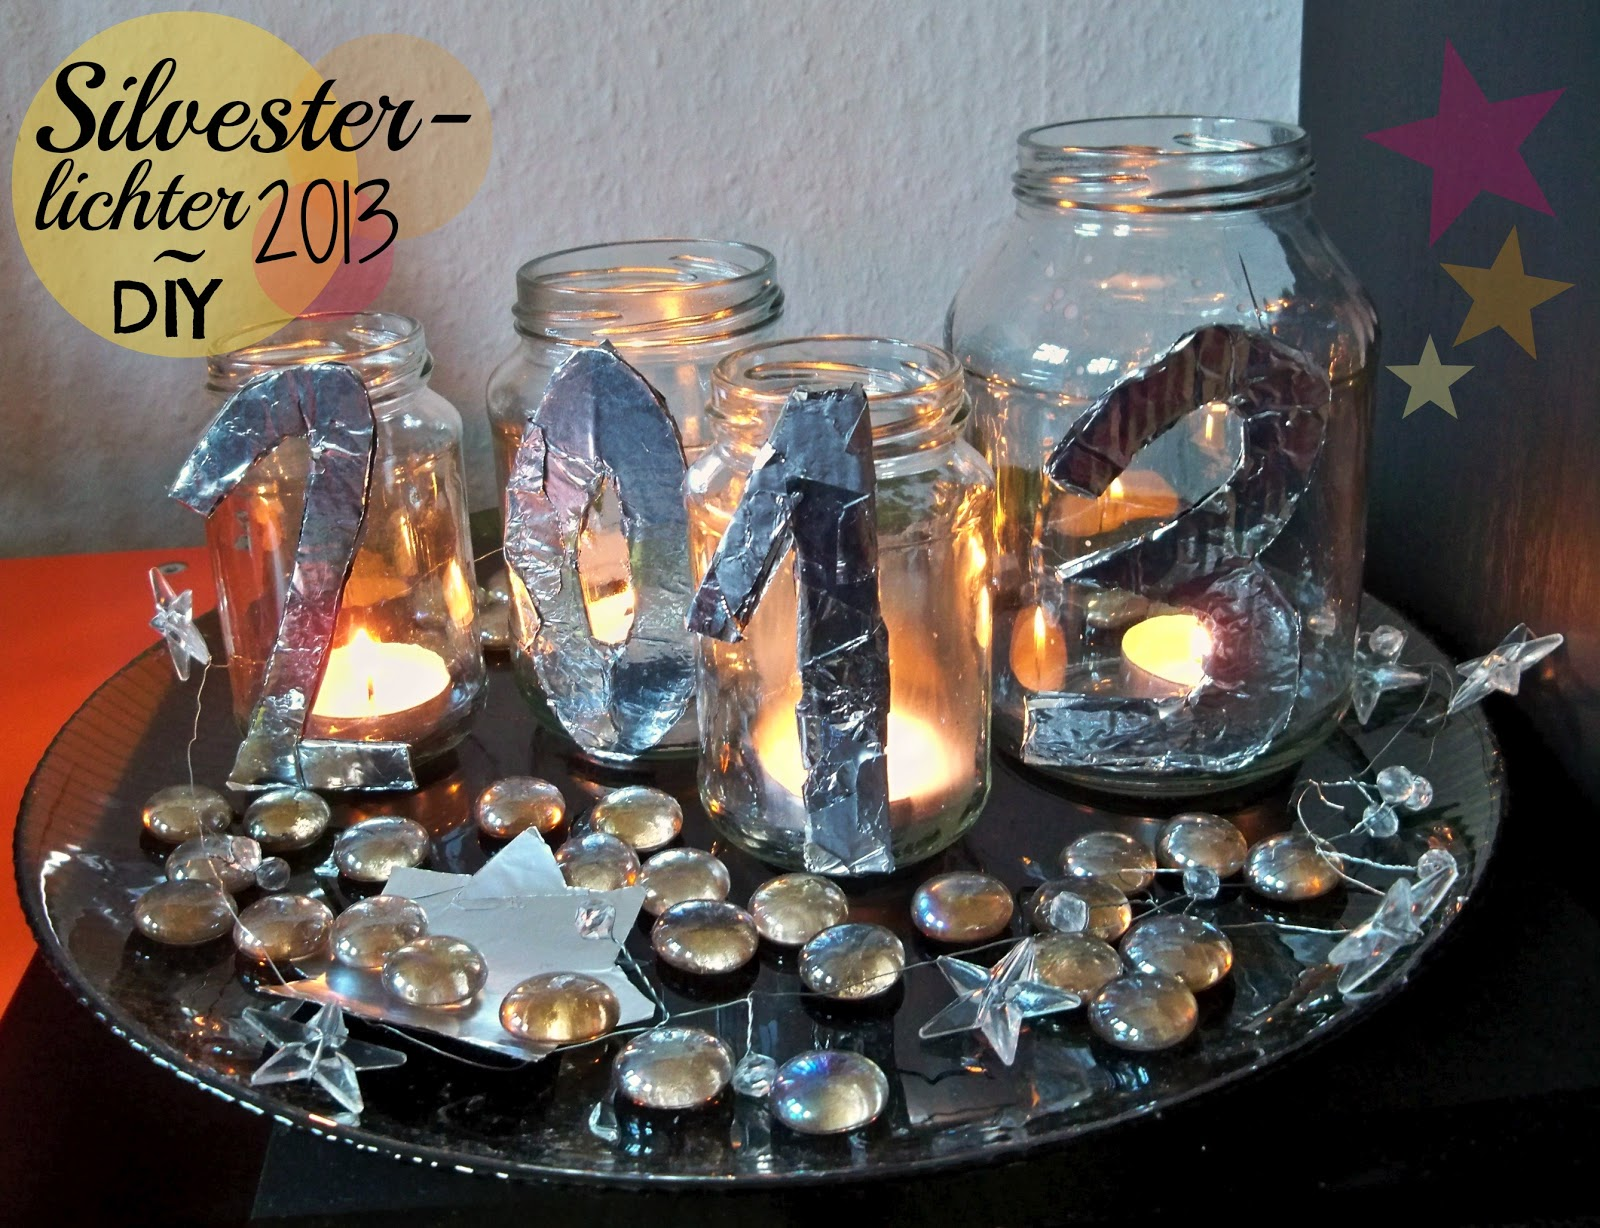 Mrs kings castle selbstgemachte silvesterdeko lichter 2013 - Silvester dekoration ...